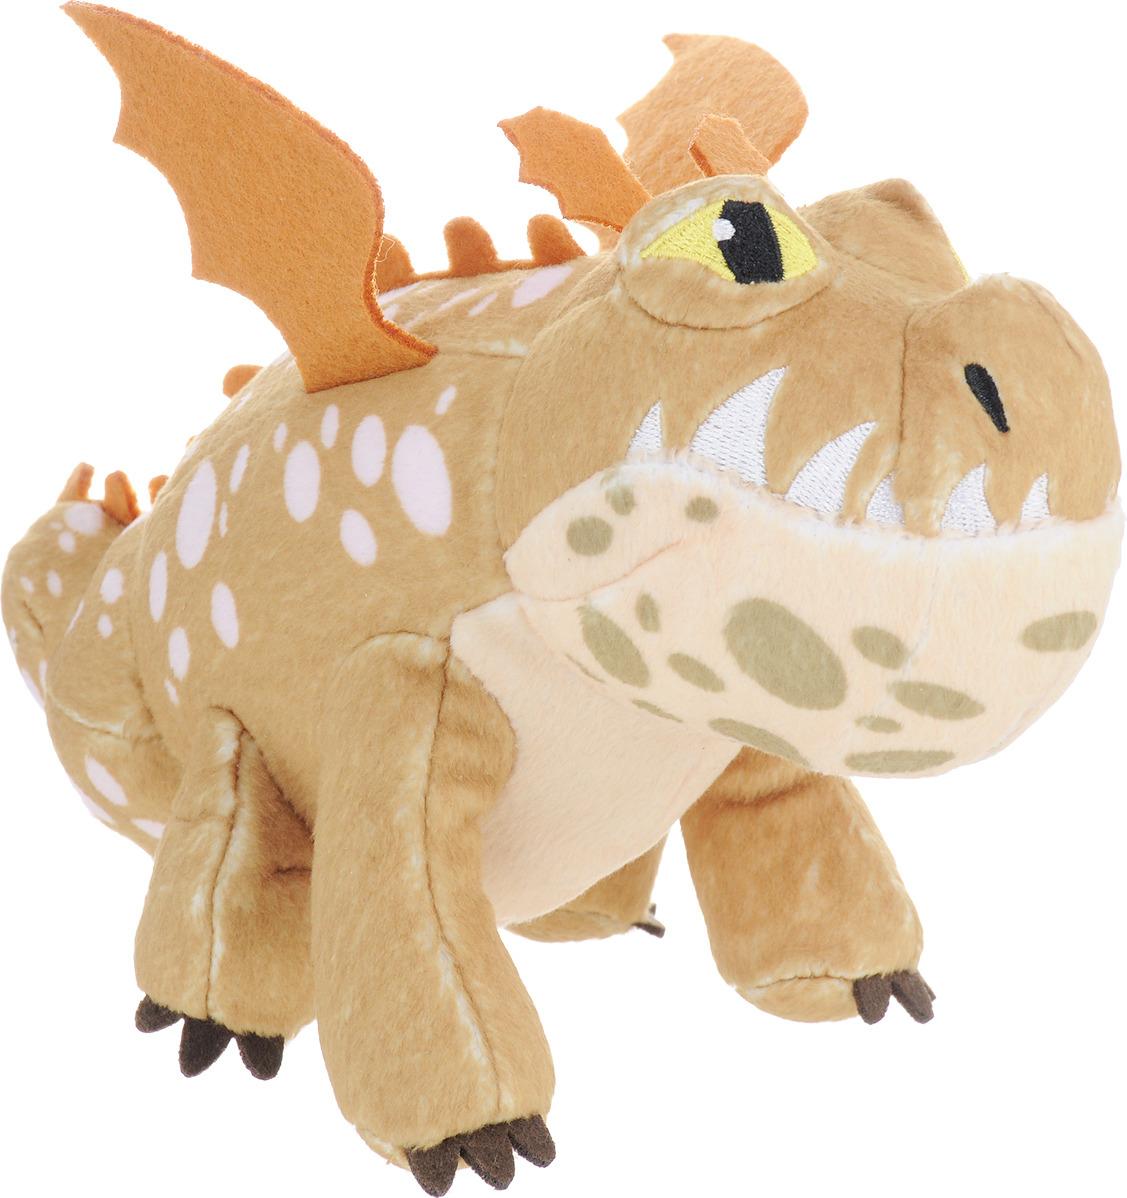 Игрушка мягкая Dragons Драконы, 66606, высота 17,5 см цена